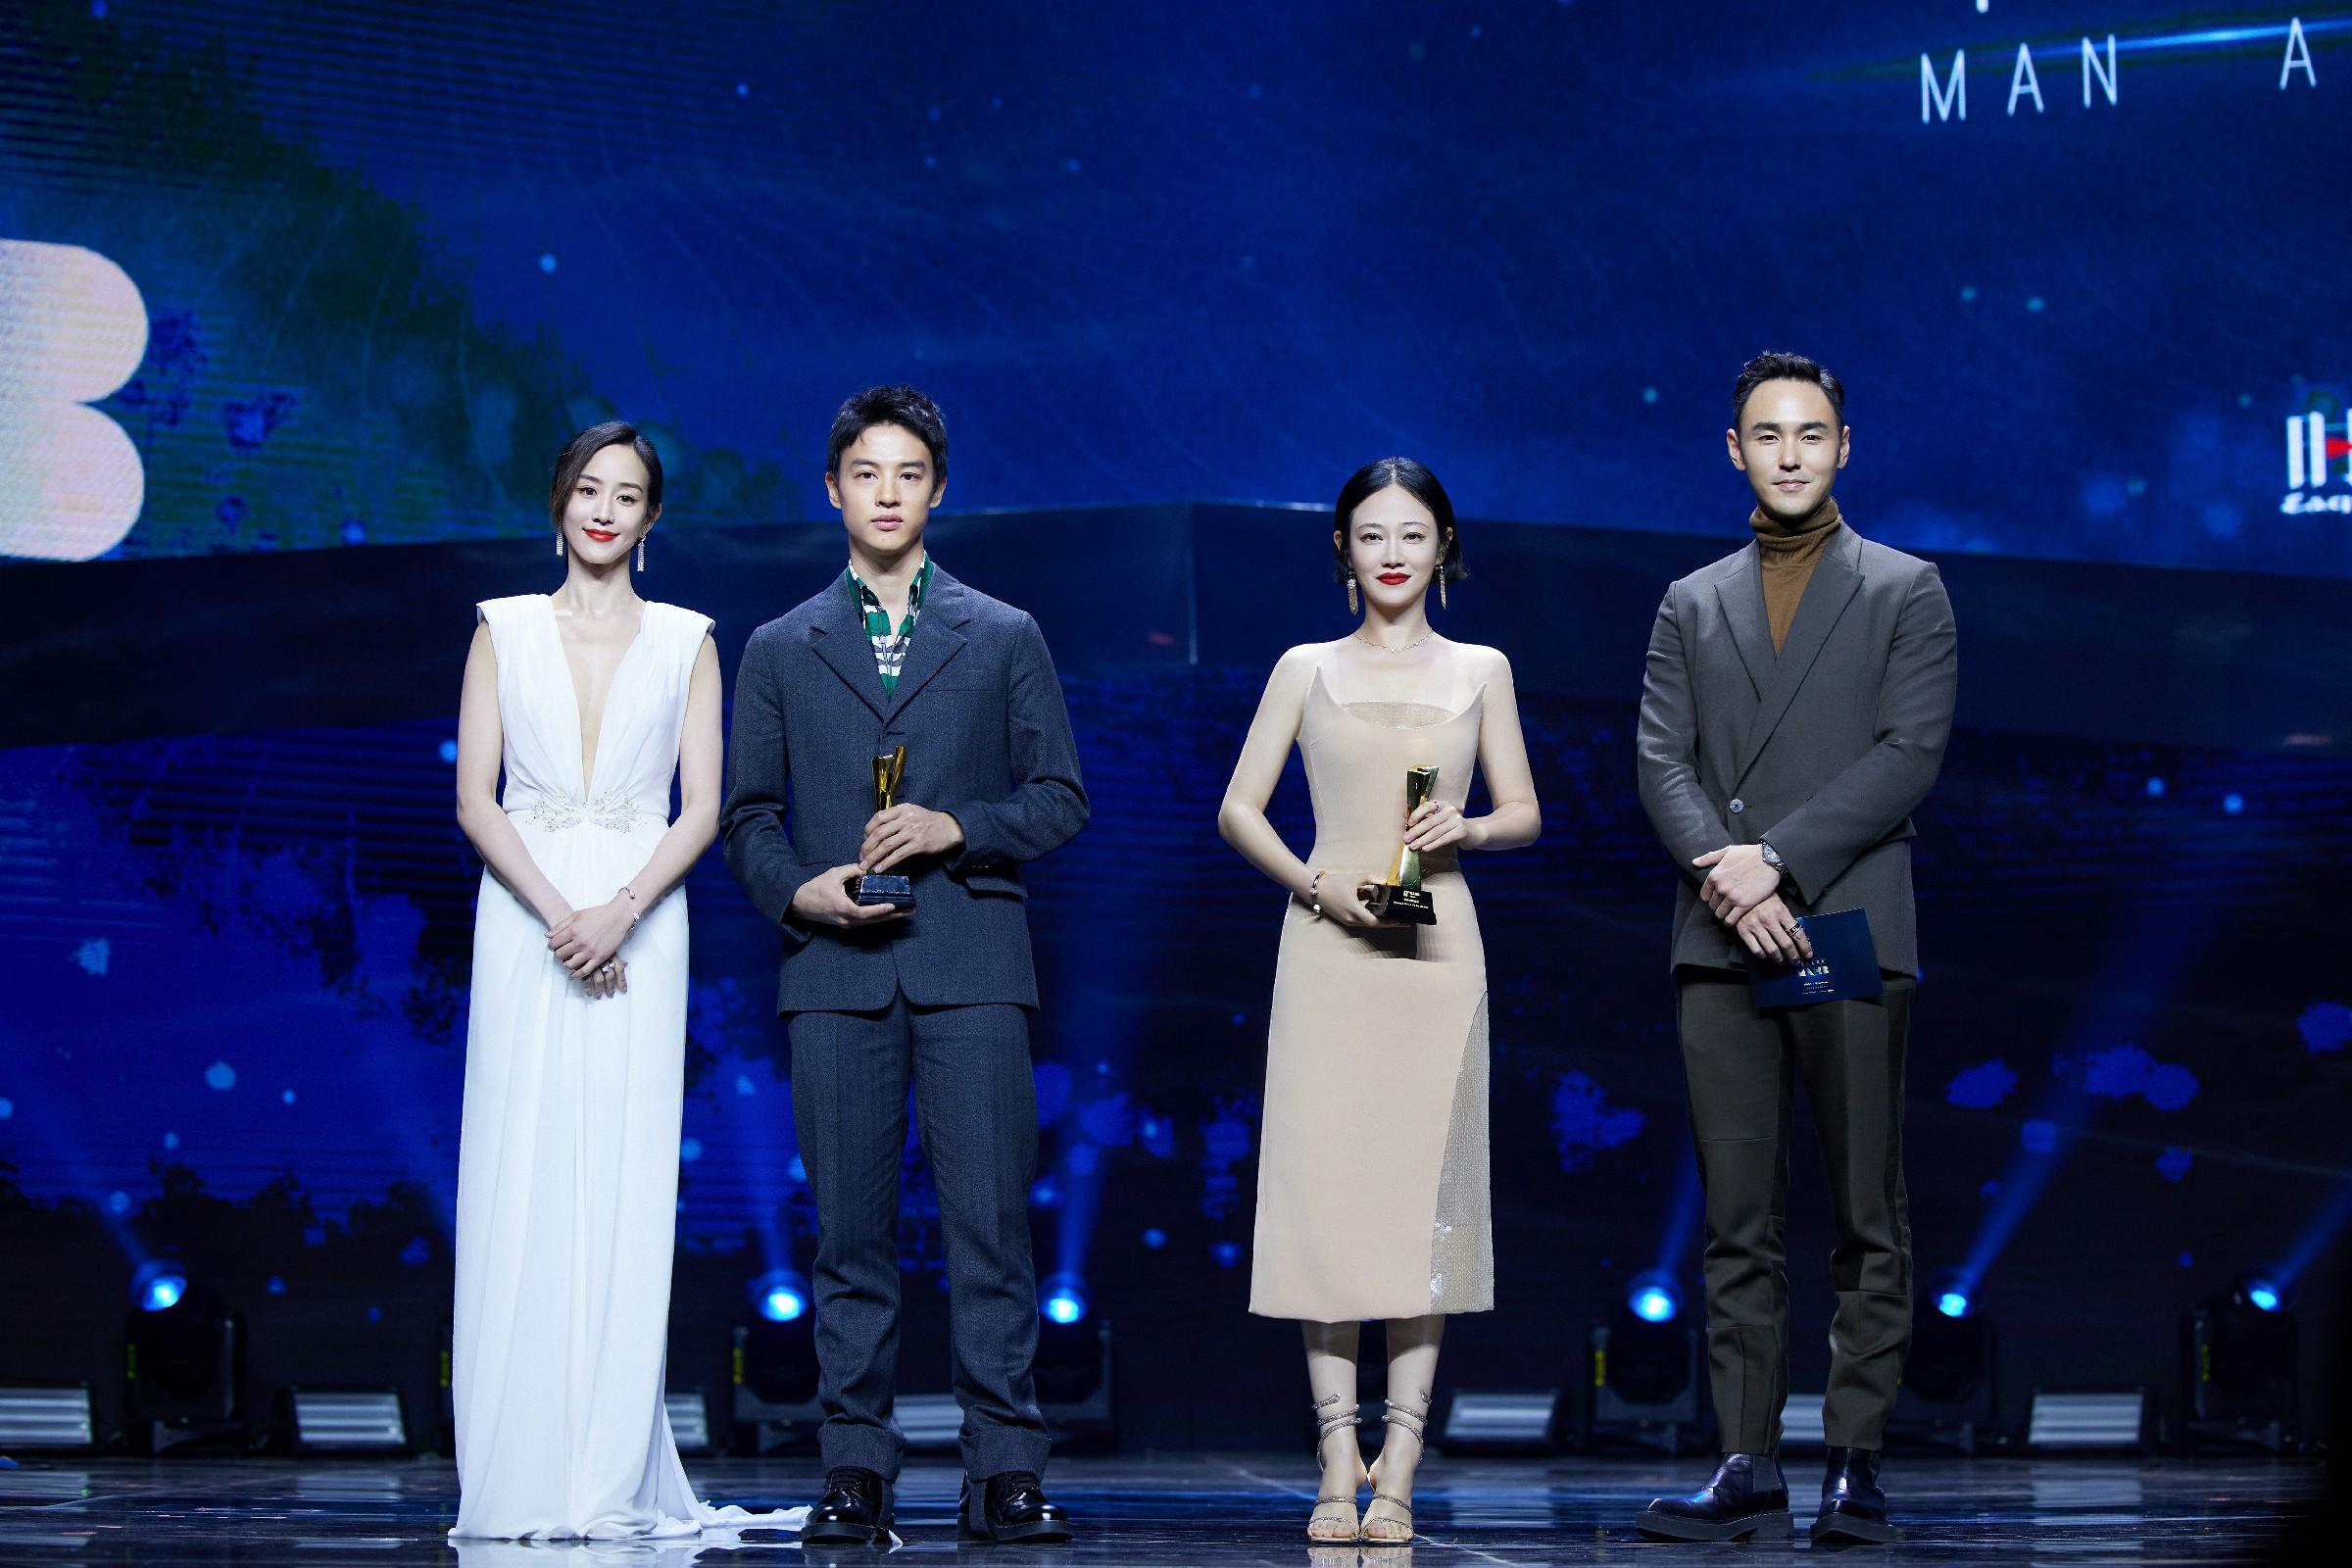 譚卓亮相時尚先生盛典 獲頒年度電影演員